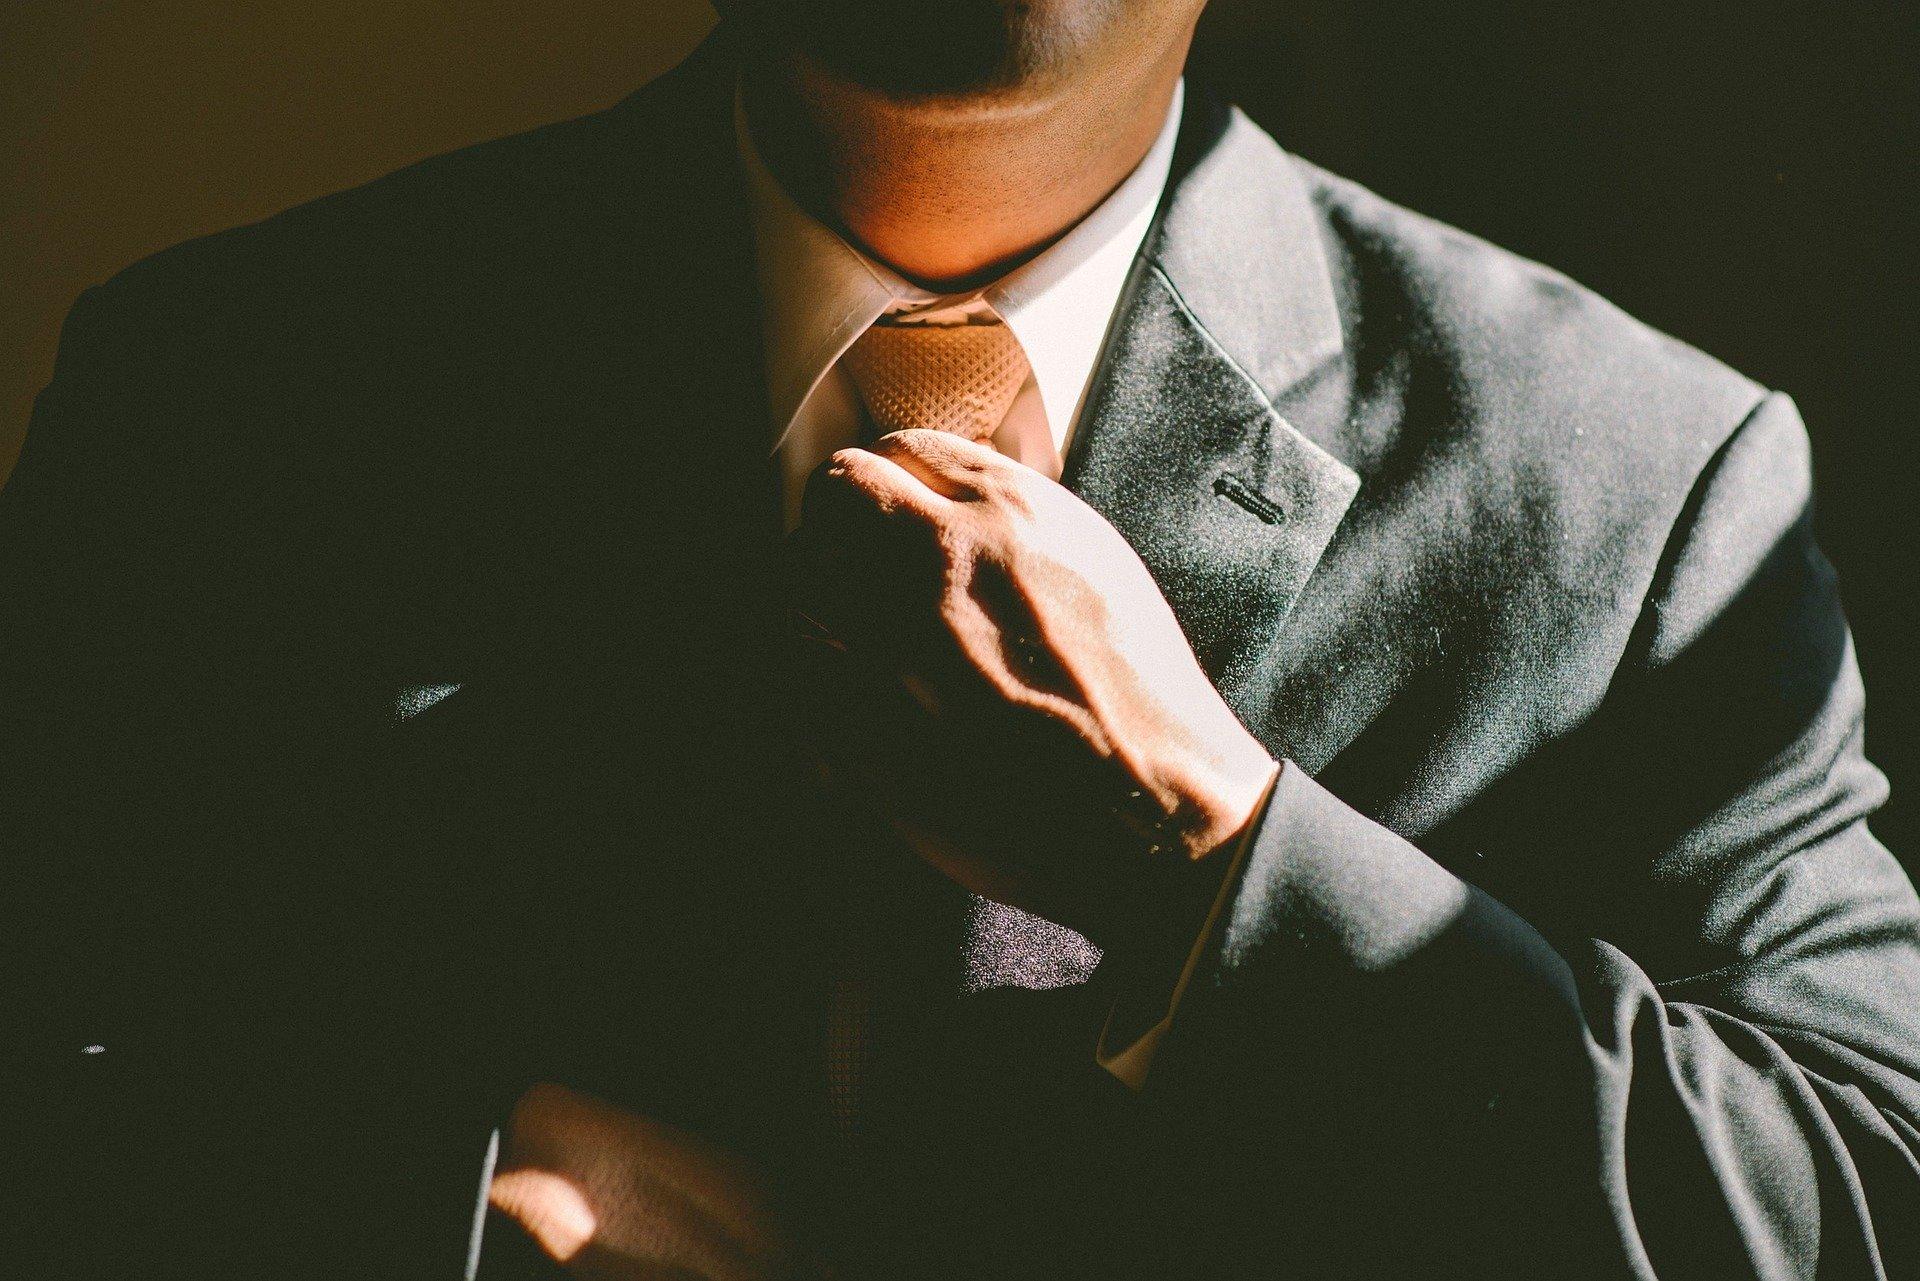 A borkarcos, mély hangú férfiak kevésbé termékenyek